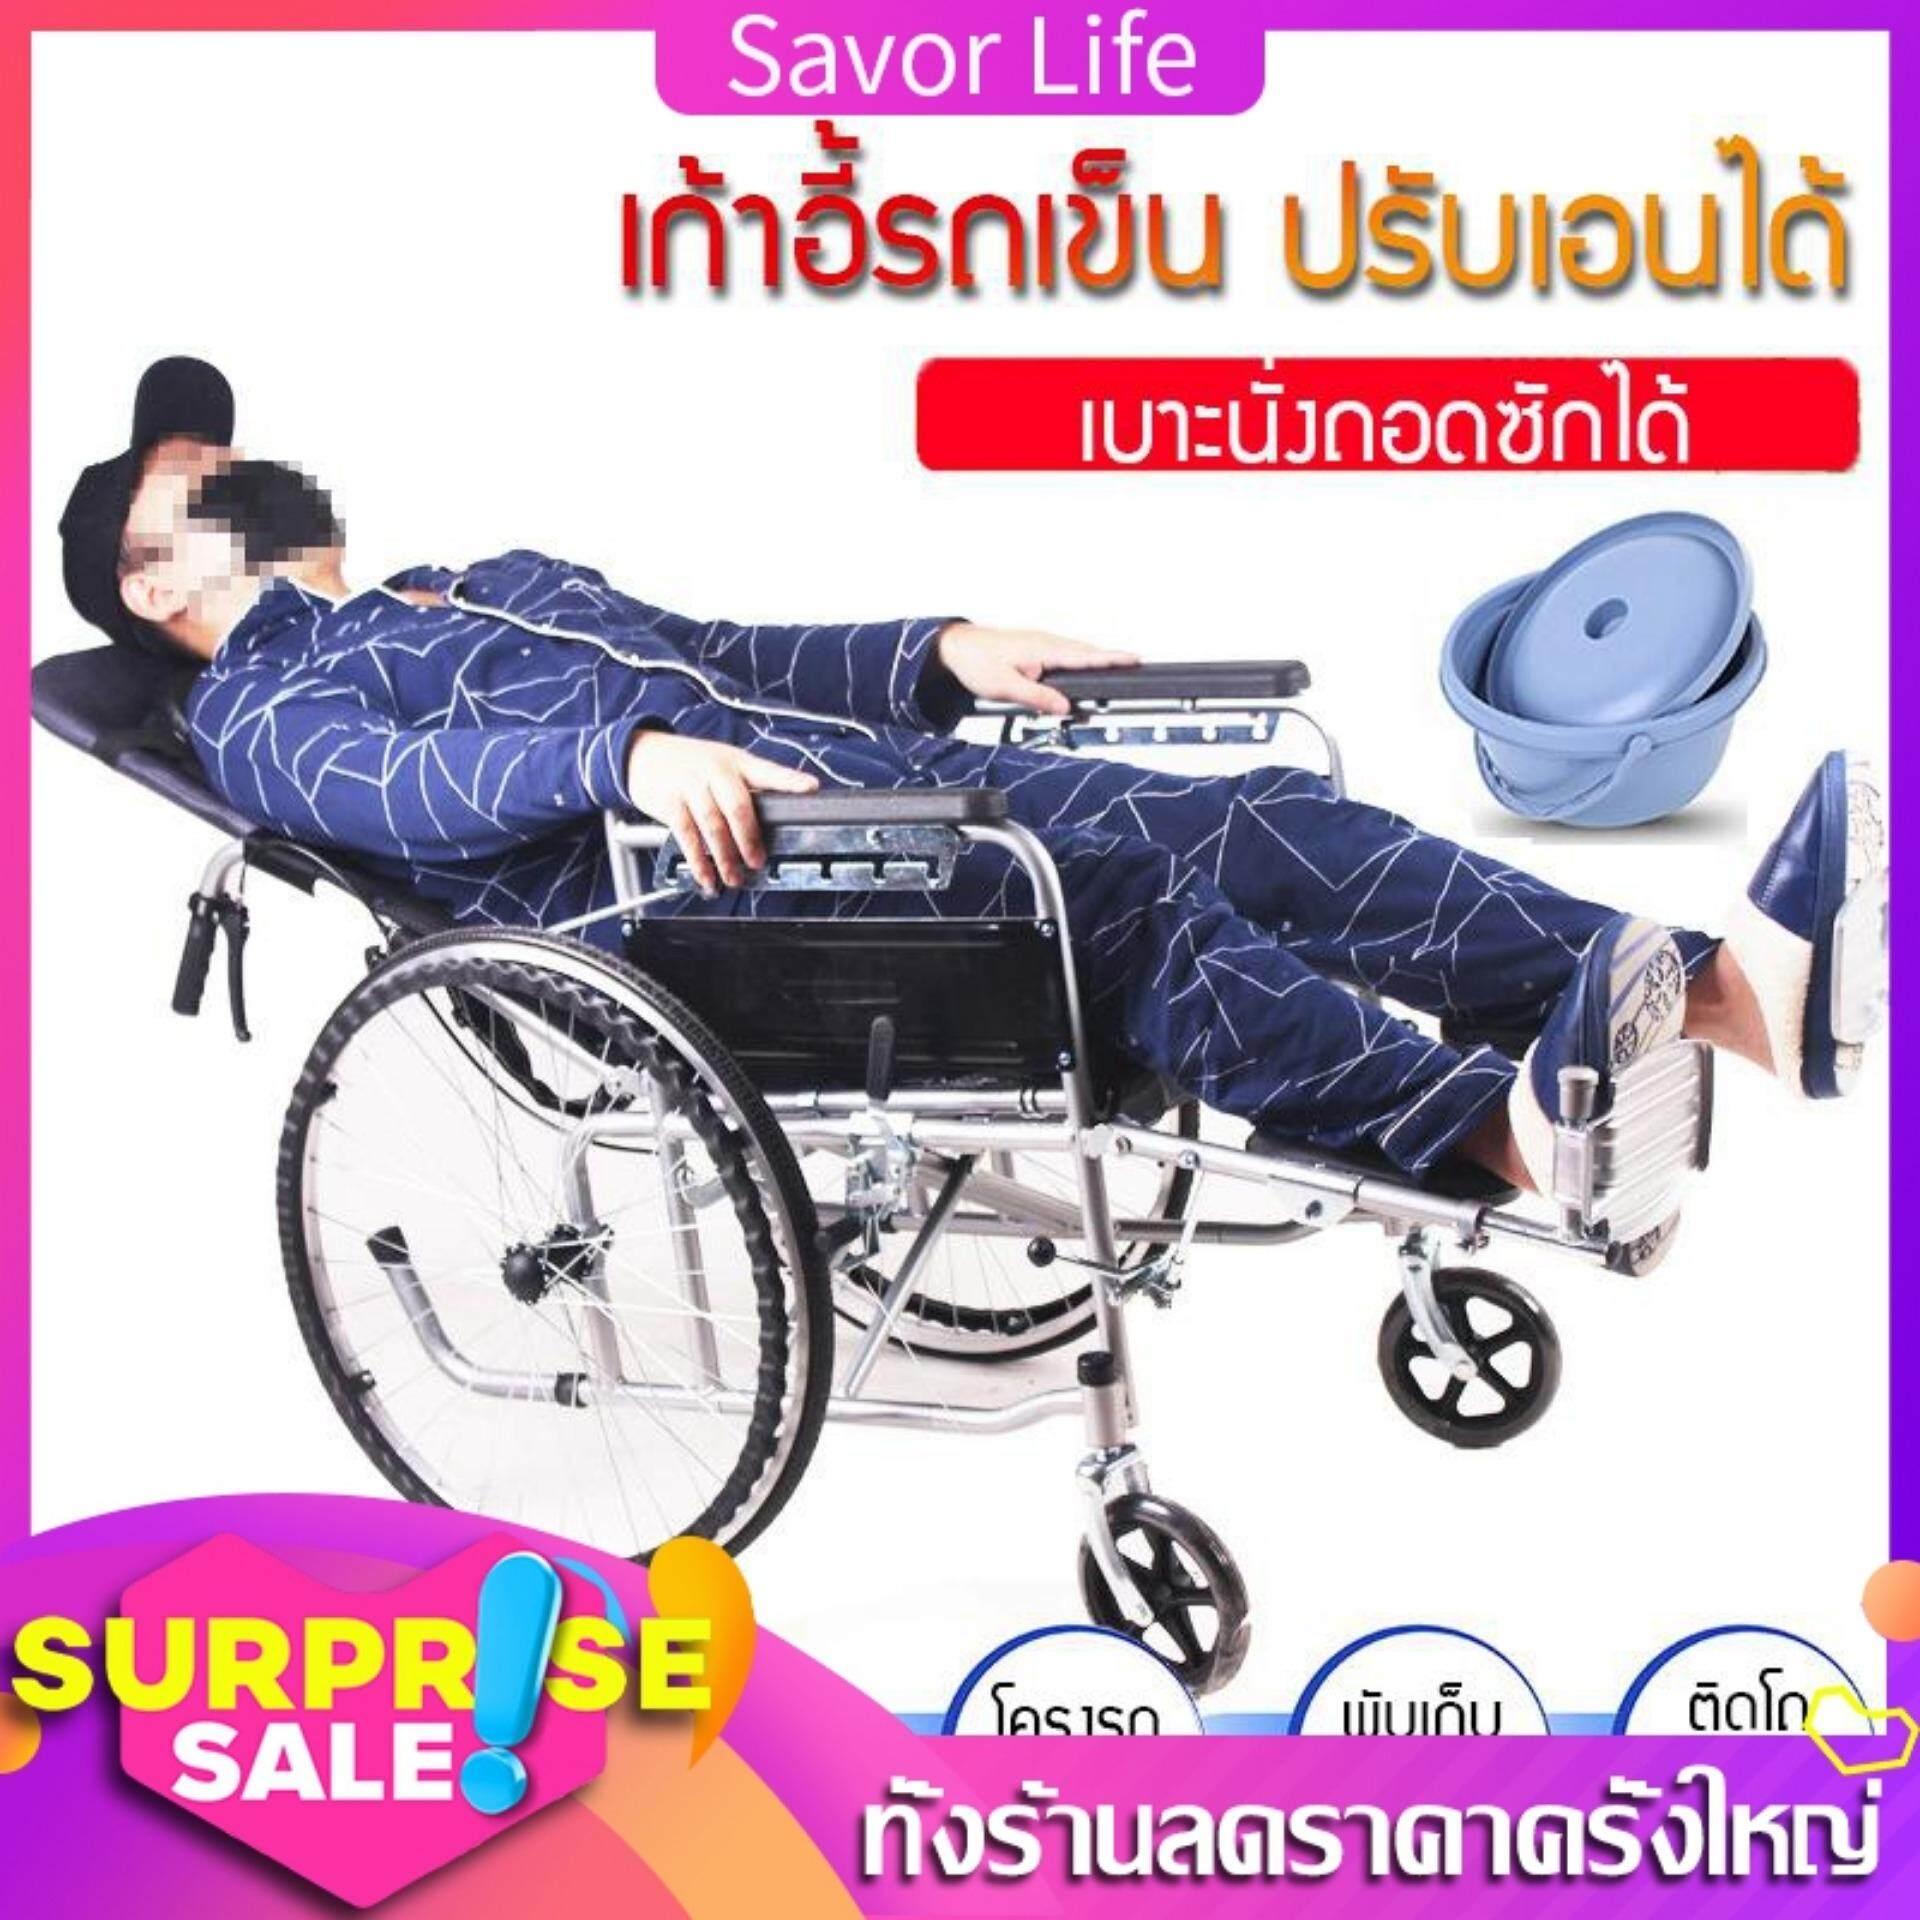 ขายดีมาก! เก้าอี้รถเข็น เก้าอี้รถเข็นปรับนอนได้ Wheelchair เบาะรังผึ้งสีน้ำเงิน เหมาะสำหรับผู้สูงอายุ ผู้ป่วย คนพิการ พับเก็บได้ ปรับได้ 6 ระดับ แข็งเเรง SavorLife